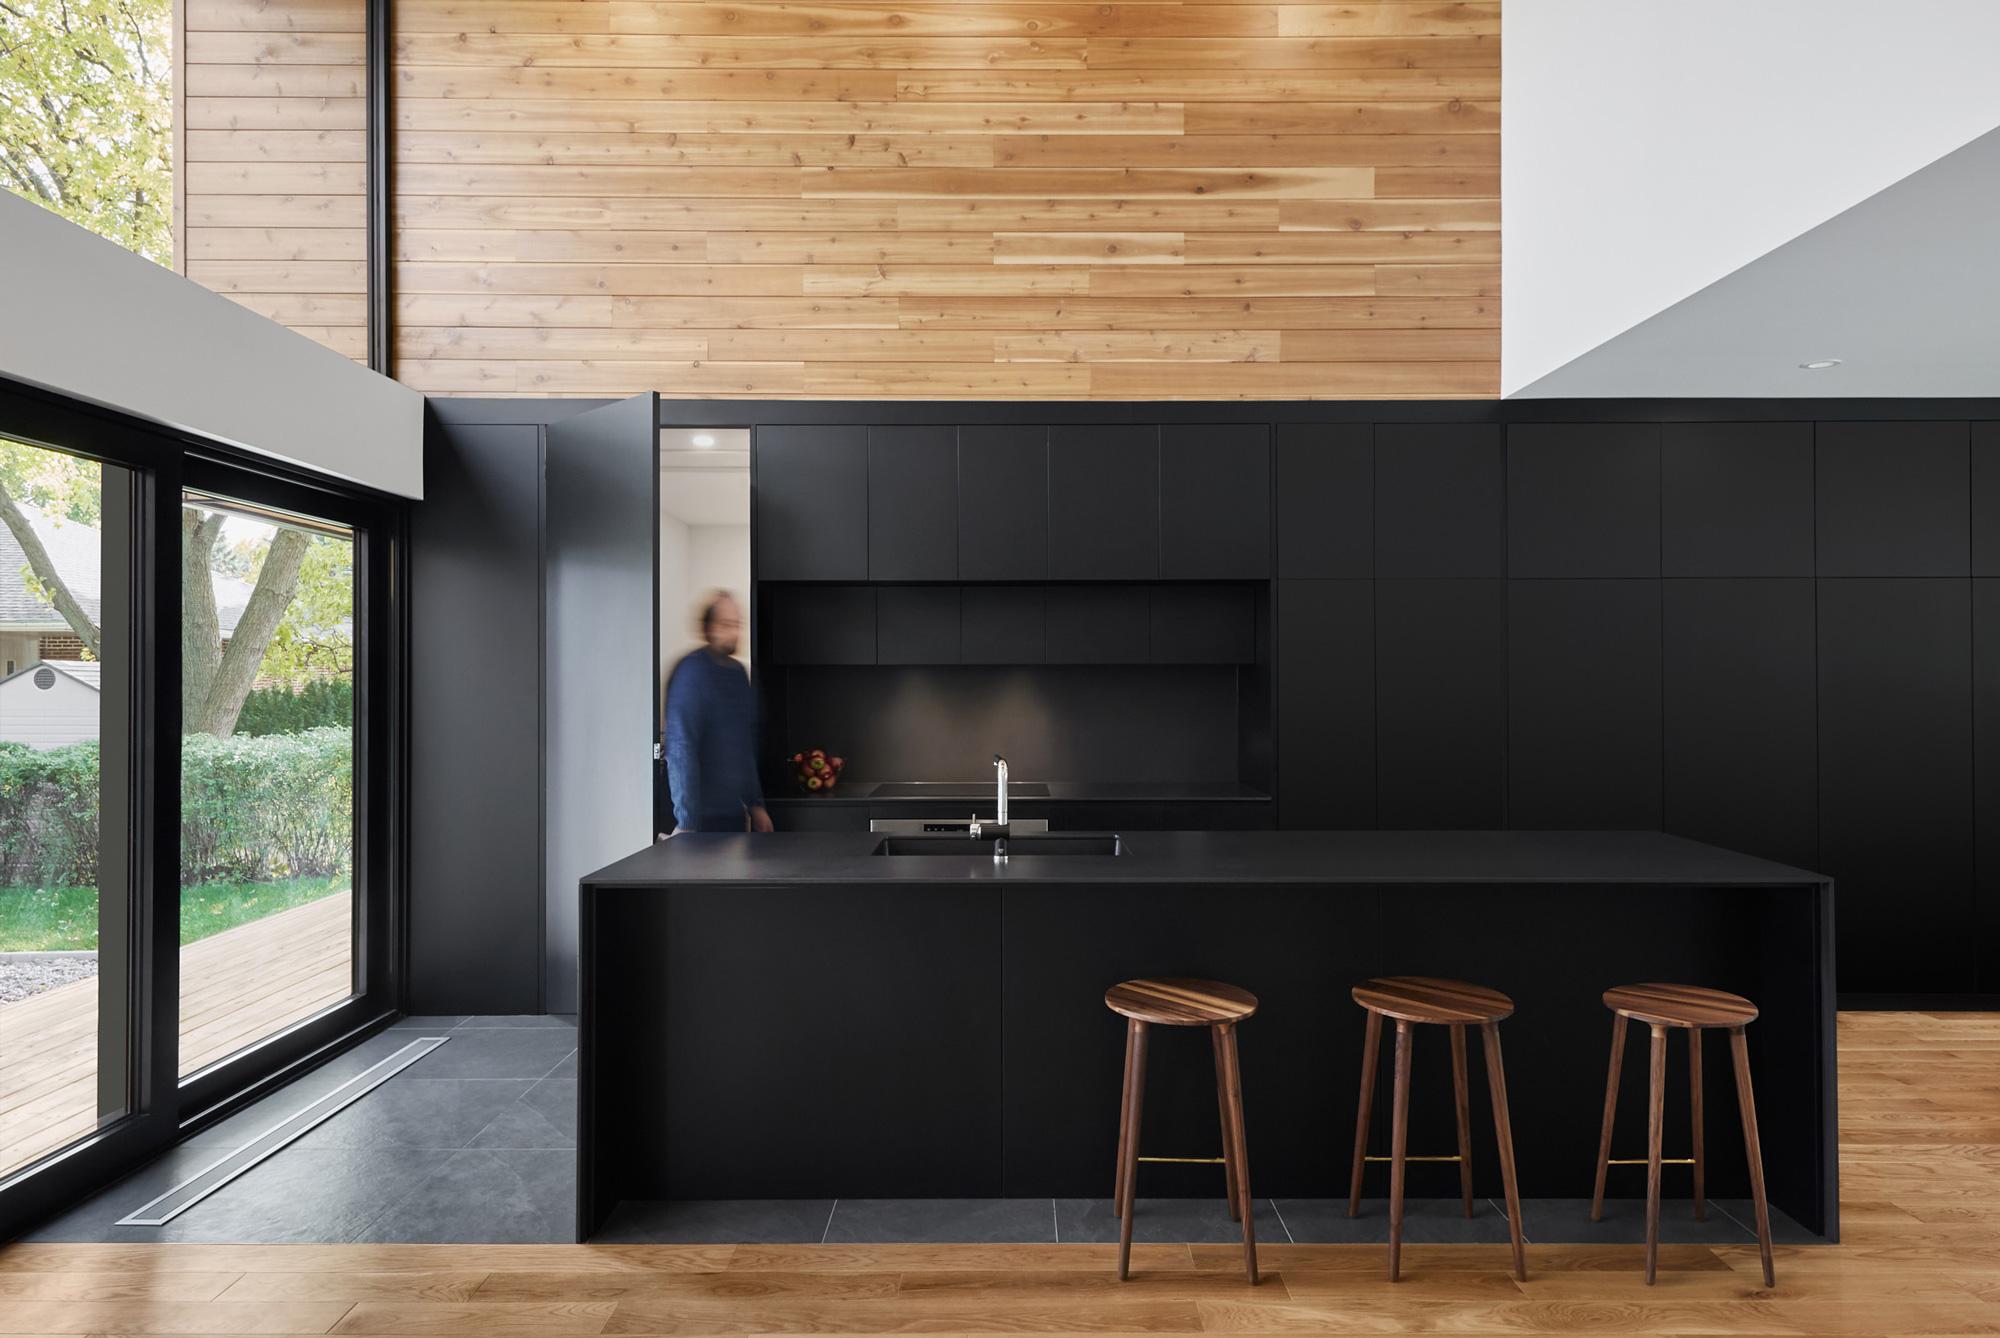 maison design cuisine armoires noires